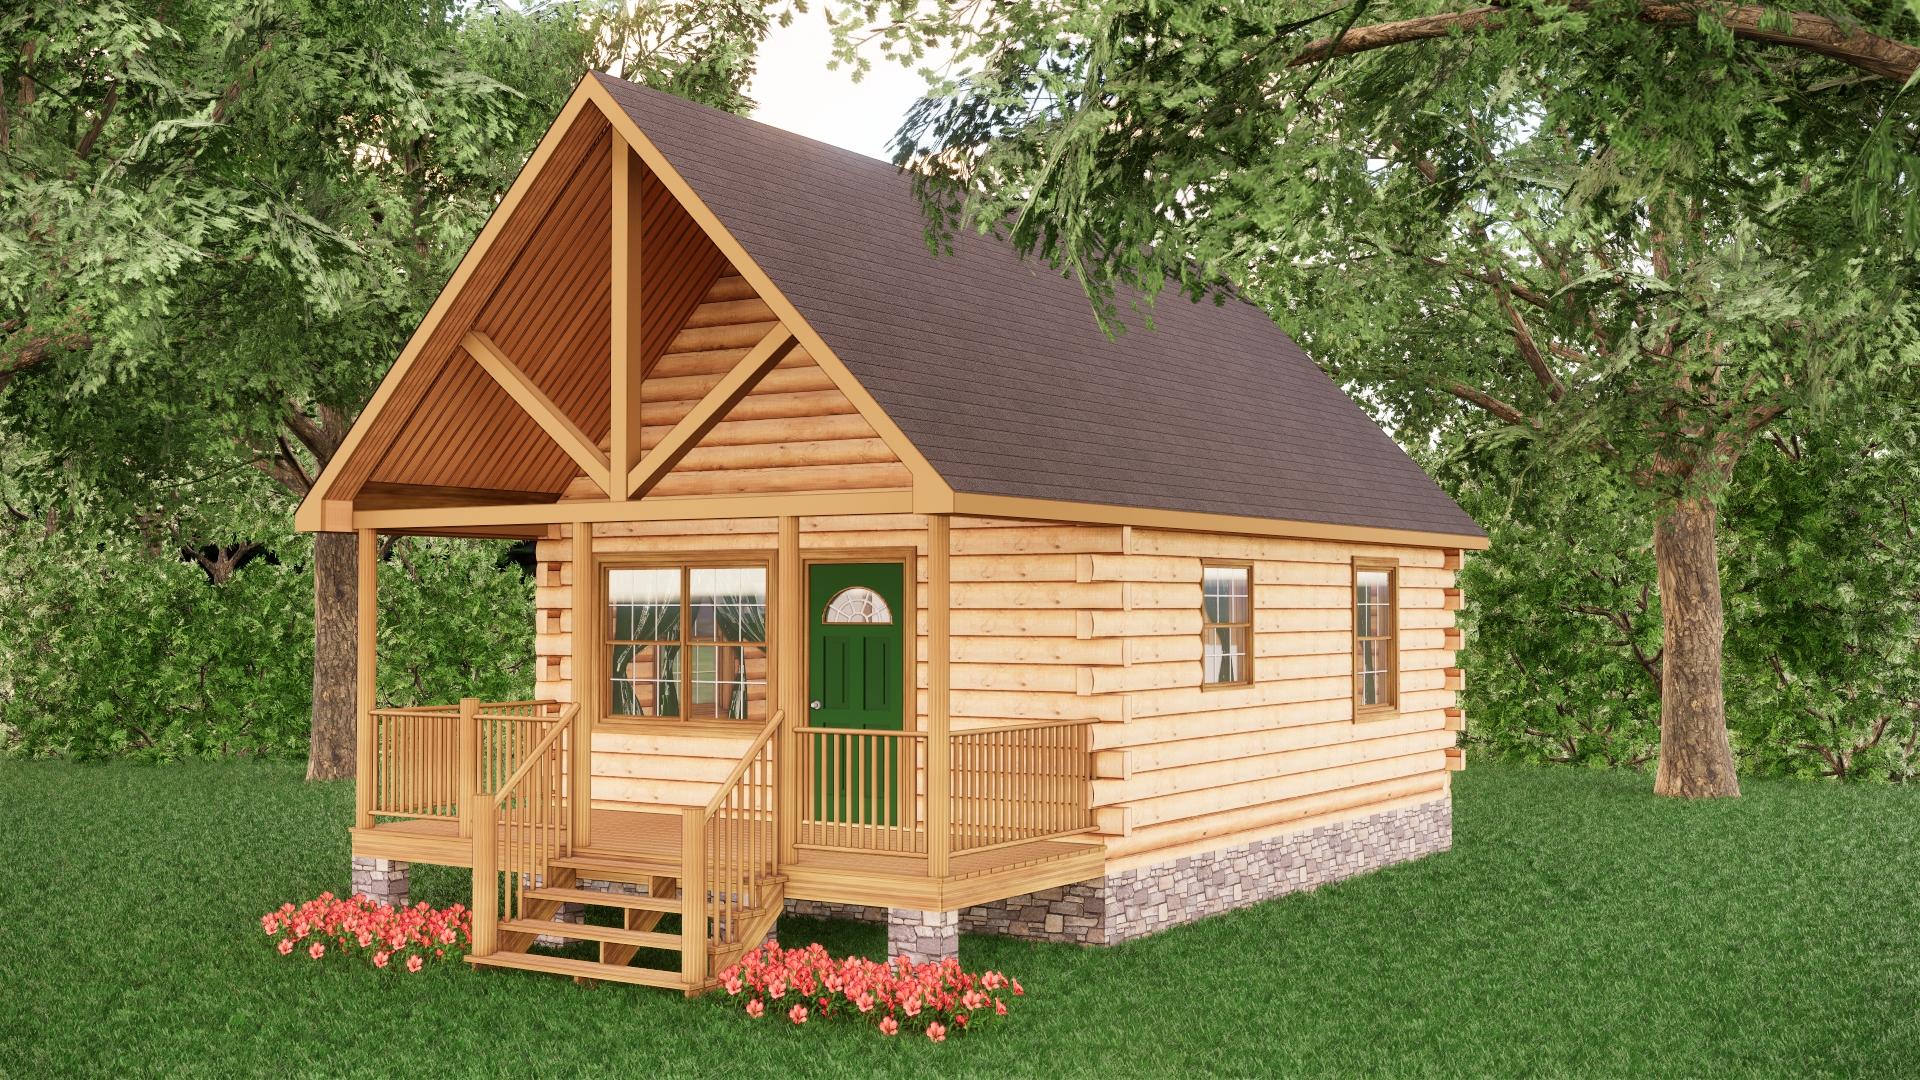 Small Log Cabins - Small Log Cabin Kits 14